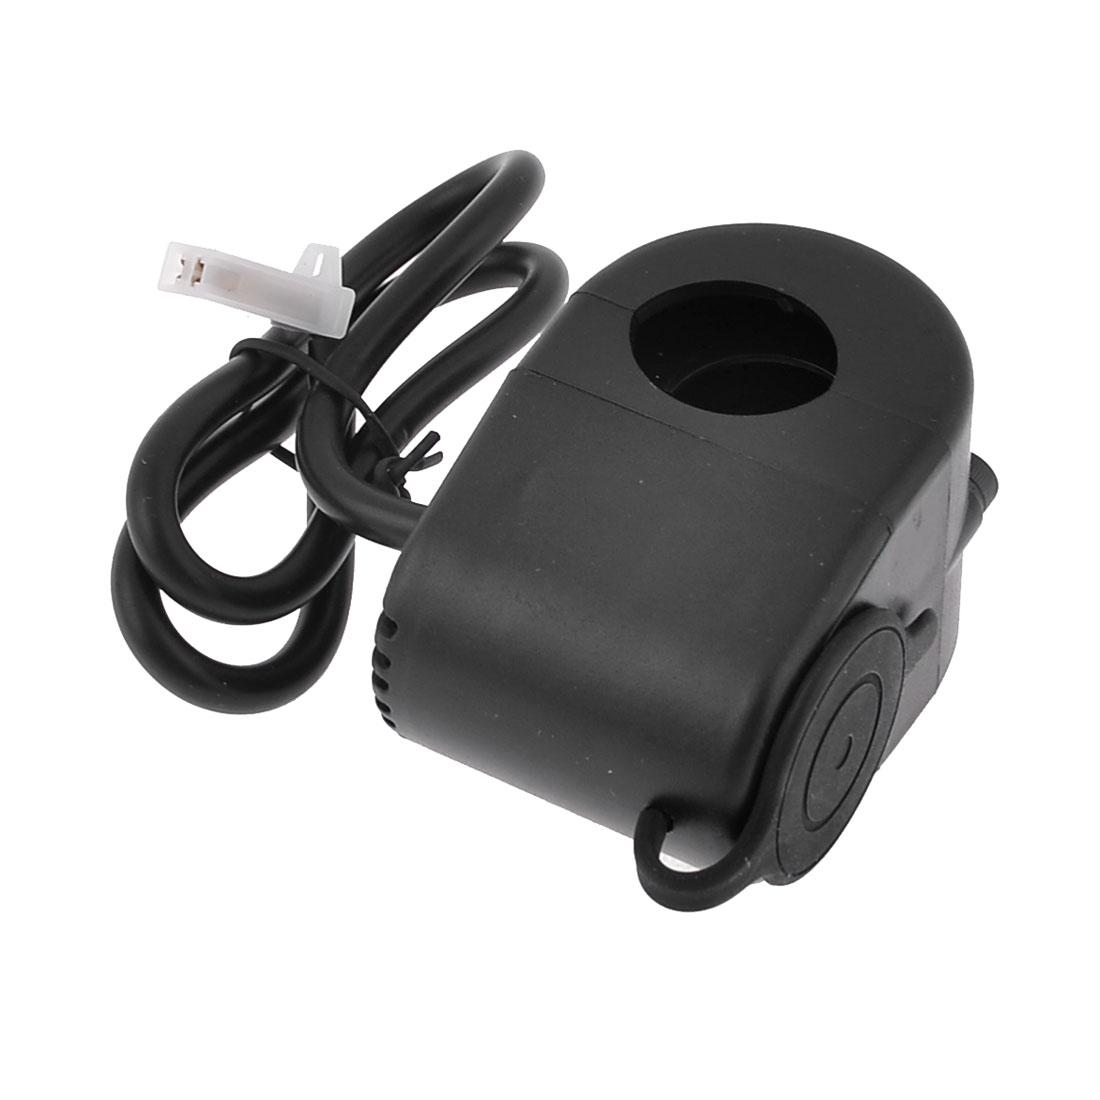 DC 12V Car Motorcycle Wired Cigarette Lighter Holder Power Socket Outlet